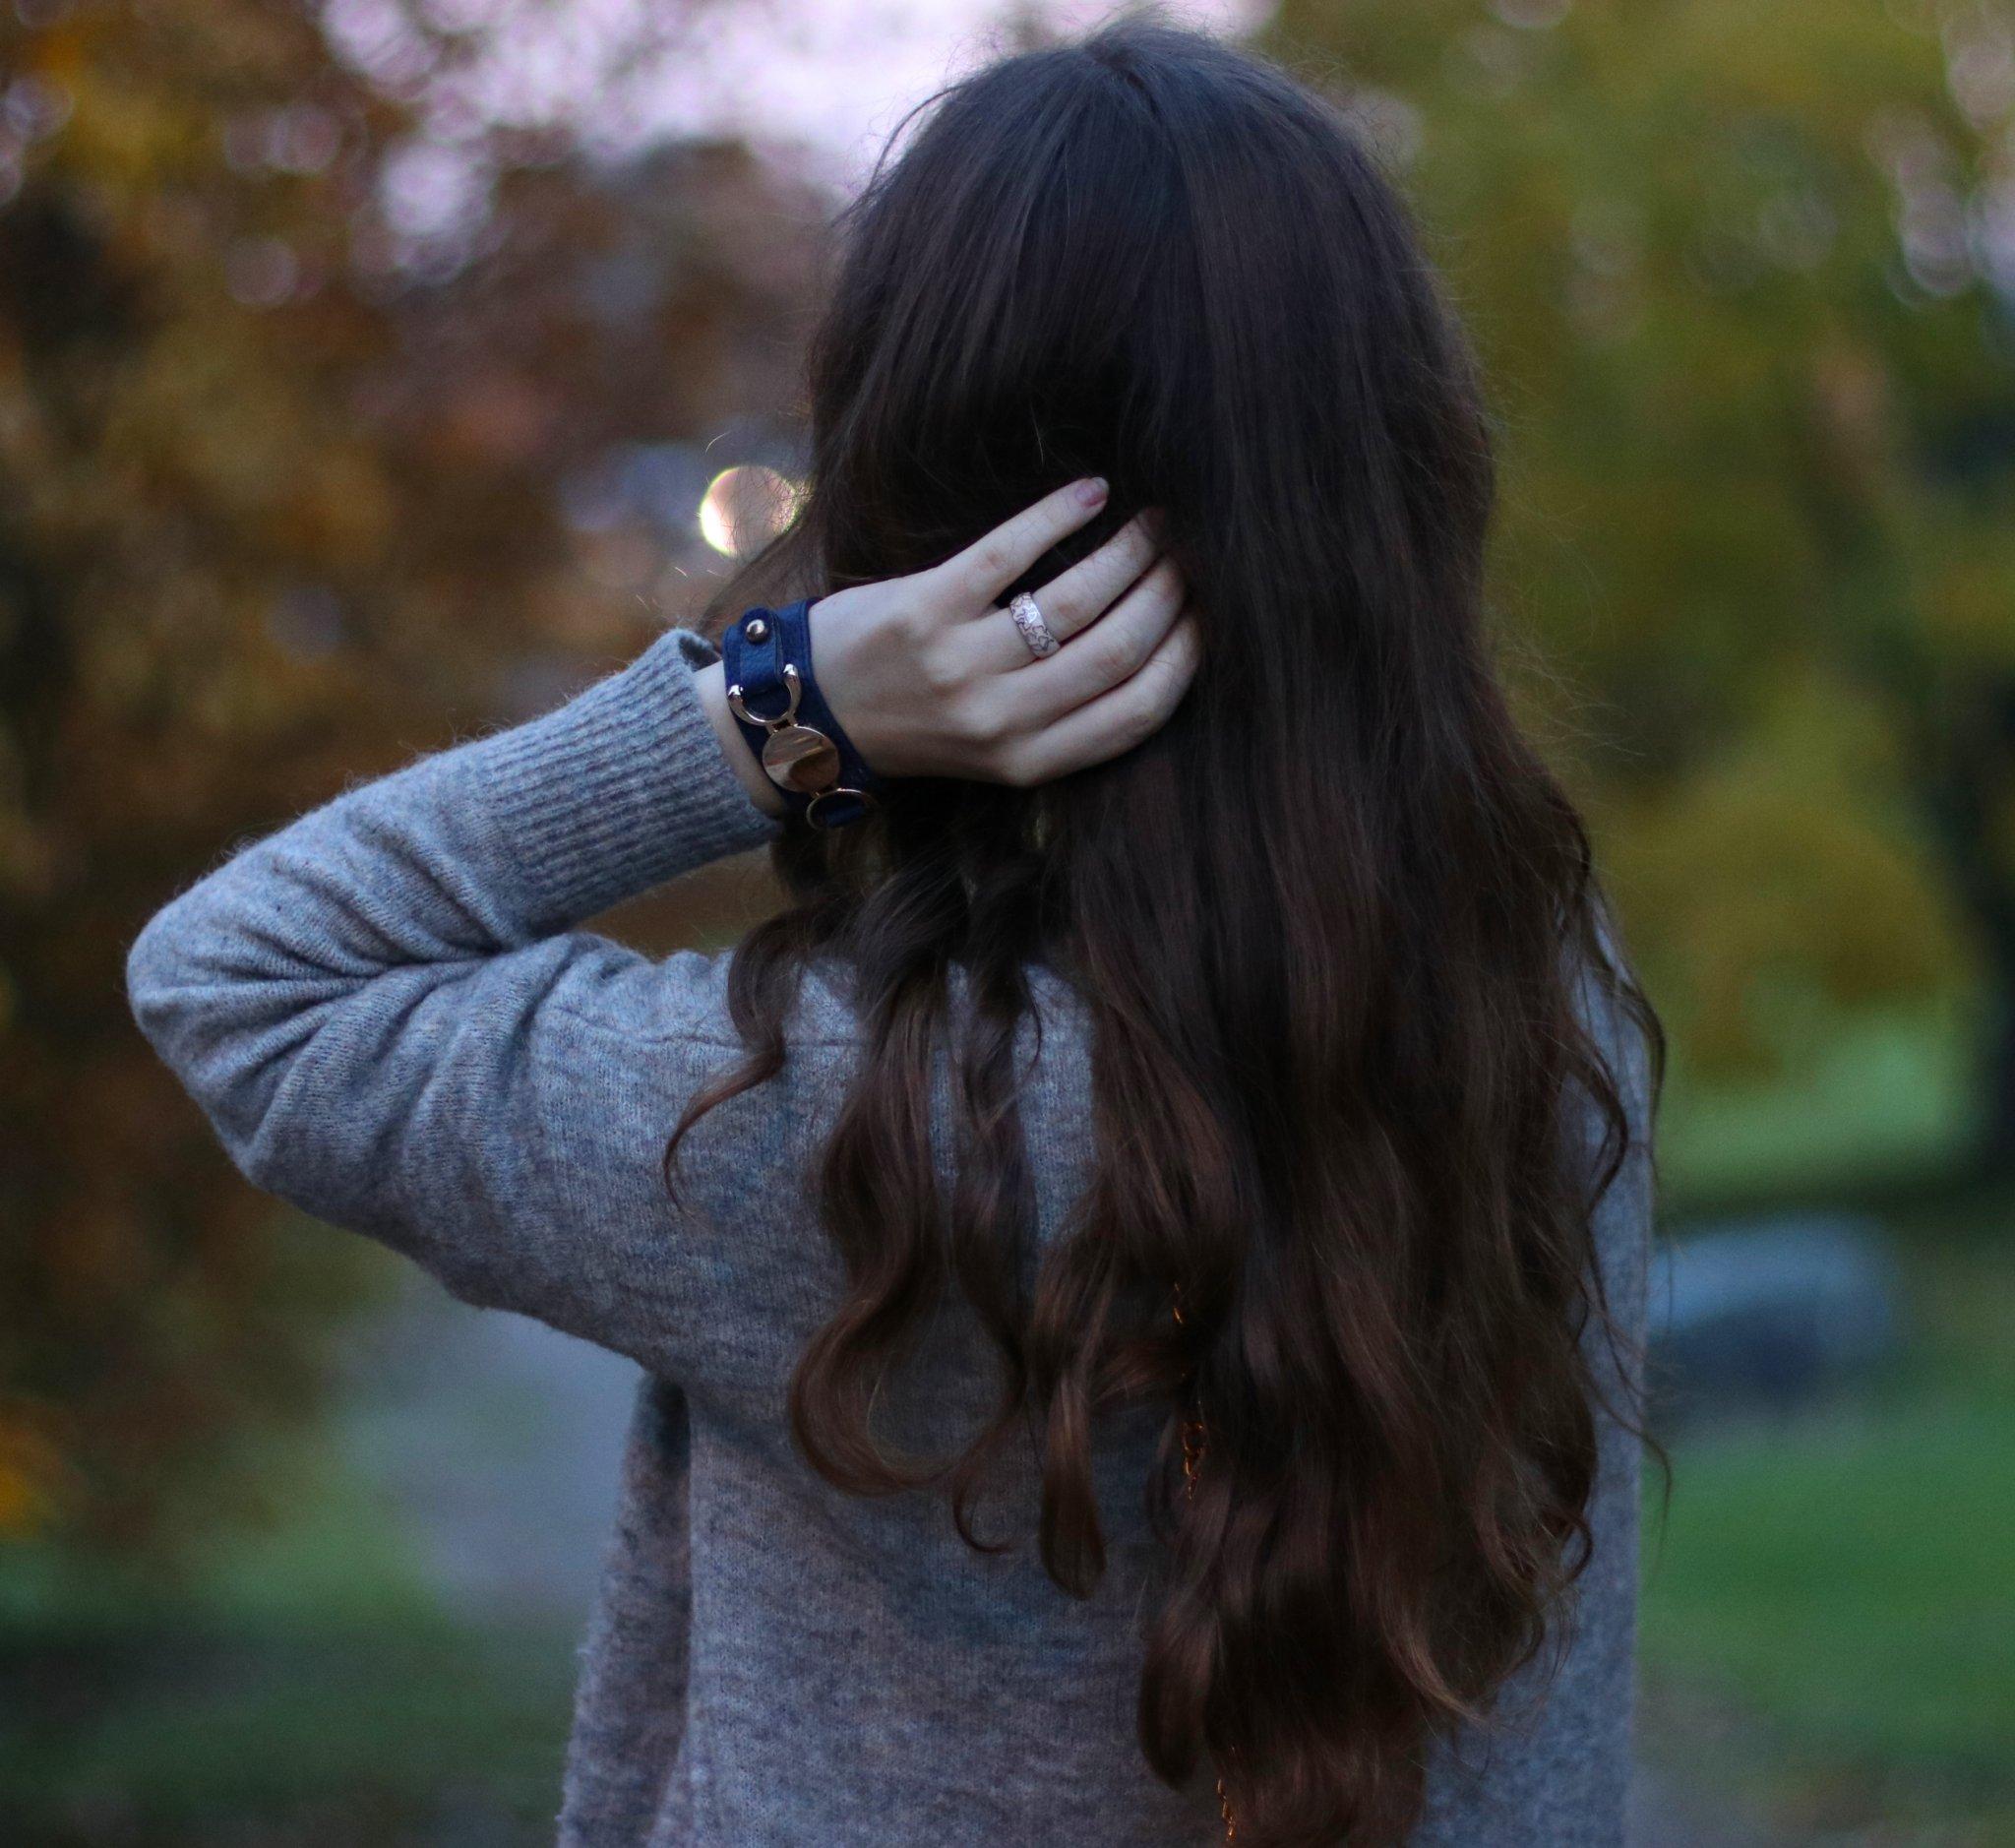 Картинки девушек с темными средними волосами